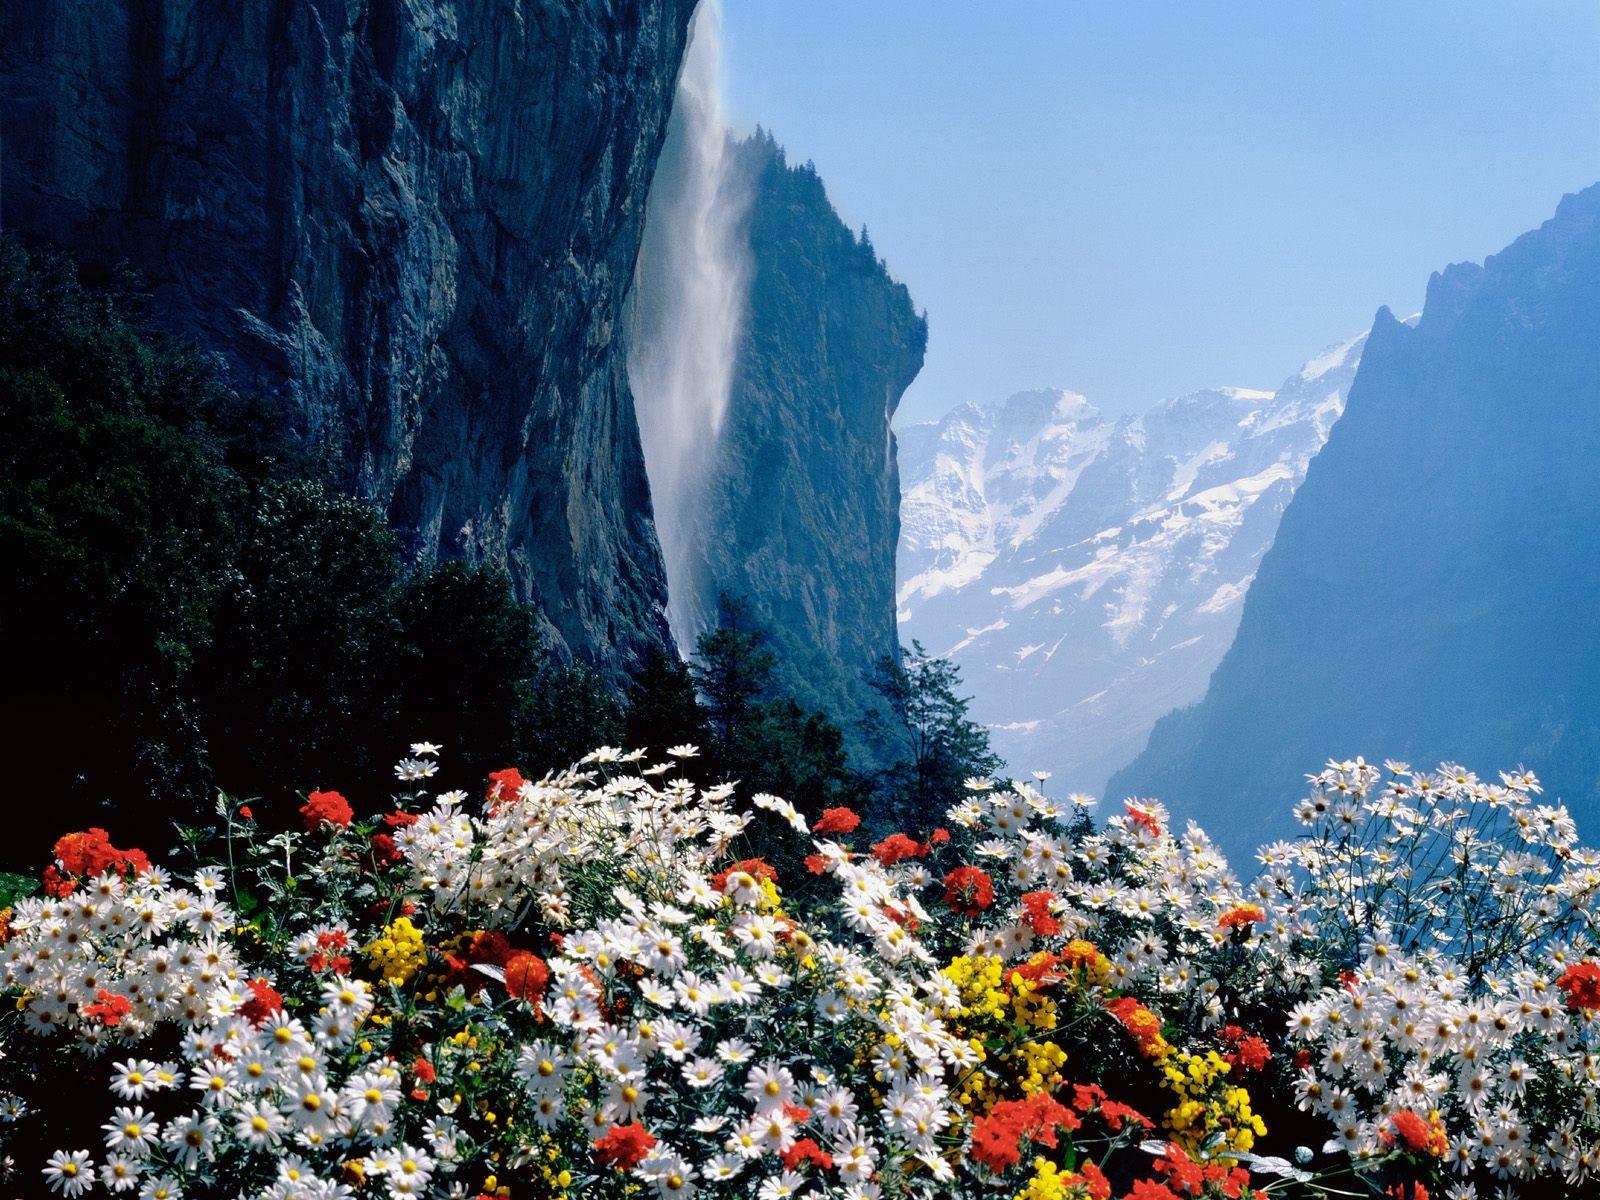 картинки горы цветы вода снег красивые дали